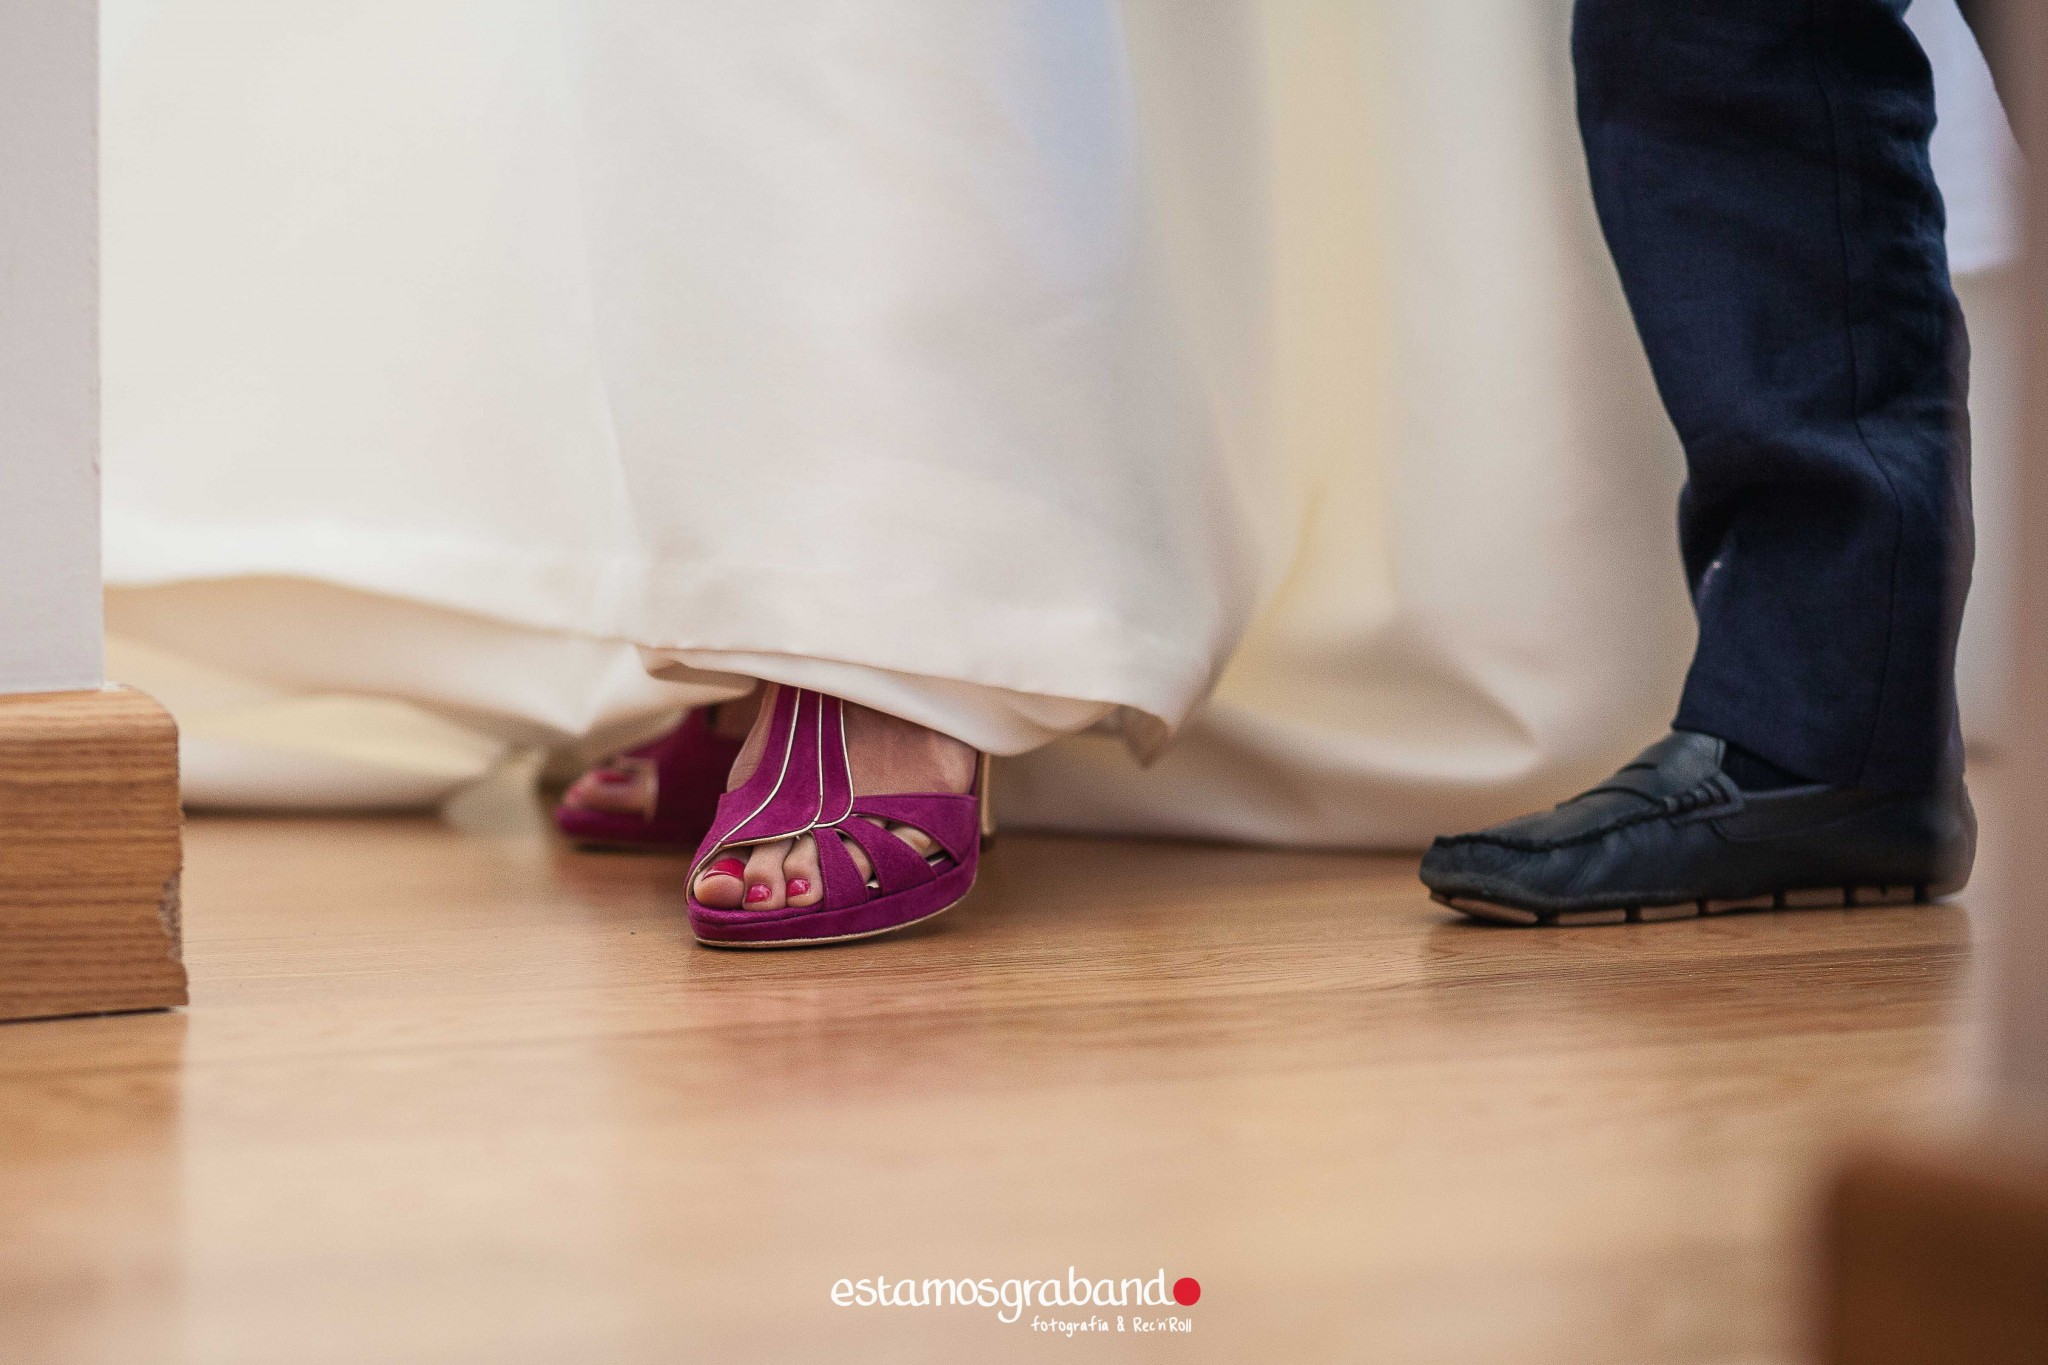 fotografo-de-bodas-jerez_mari-paz-jaime_bodegas-tradiciocc81n-28 32 escalones [Fotografía de bodas Jerez_Mari Paz & Jaime] - video boda cadiz